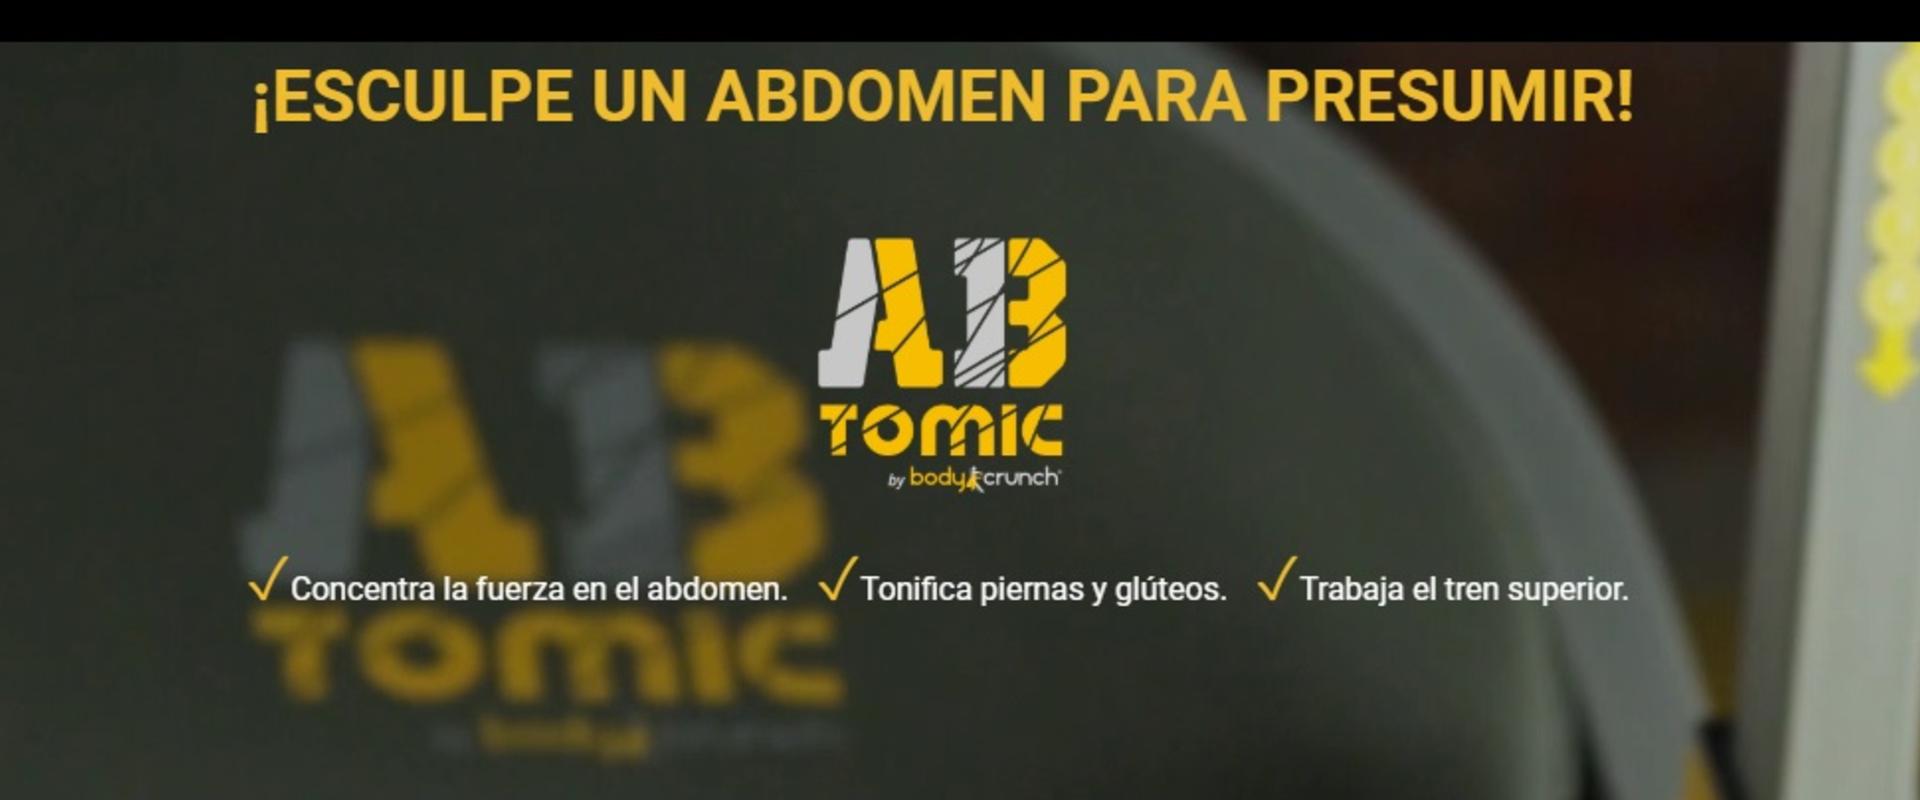 ¿Cómo registrarte en la página de AB Tomic?